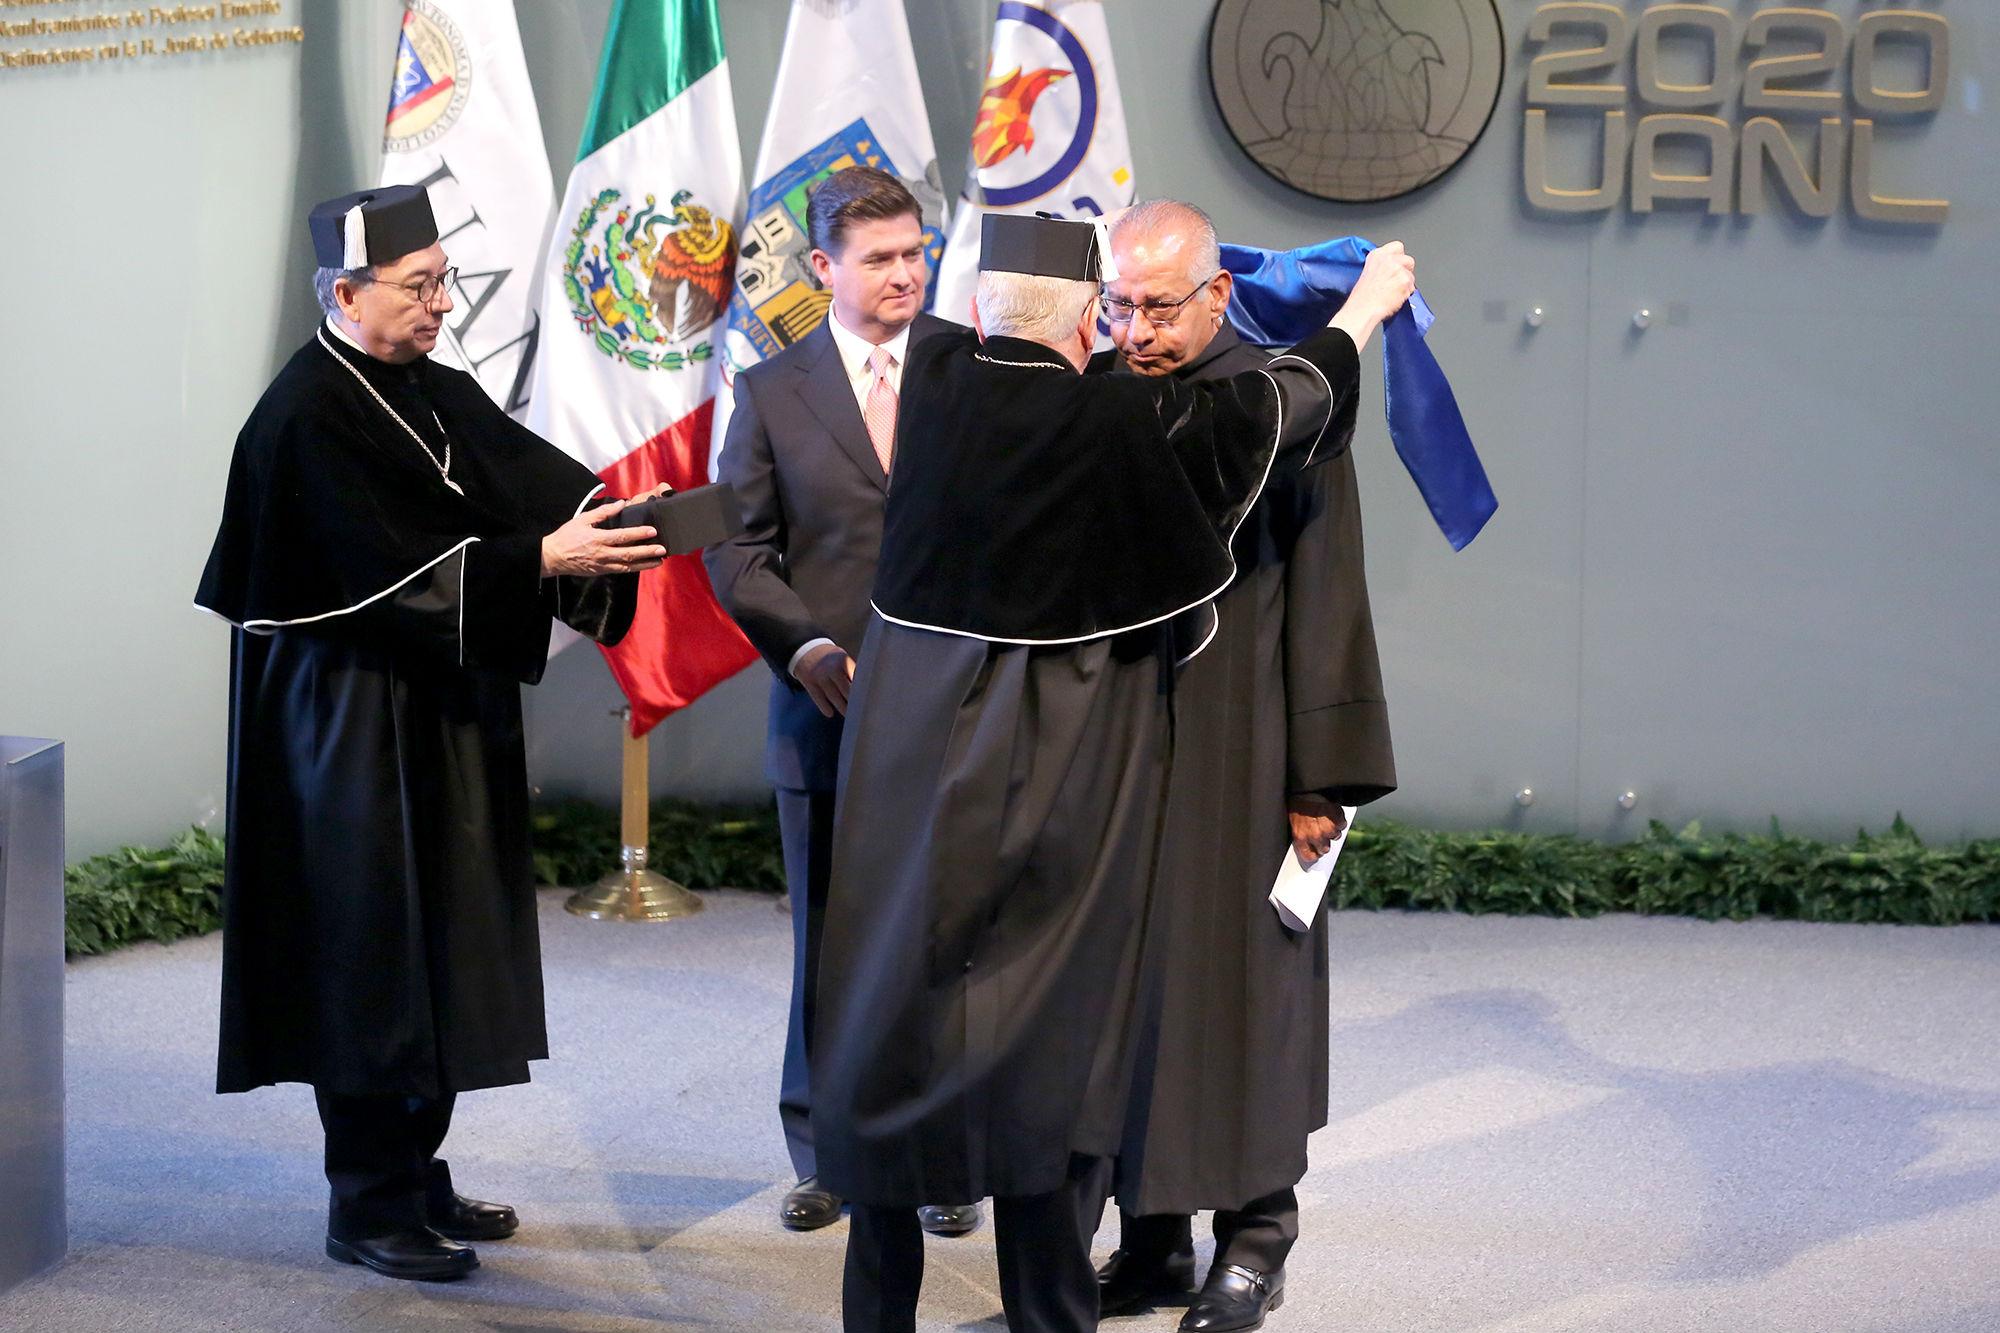 Doctor Honoris Causa al Ing. Ignacio Rey Morales Lechuga